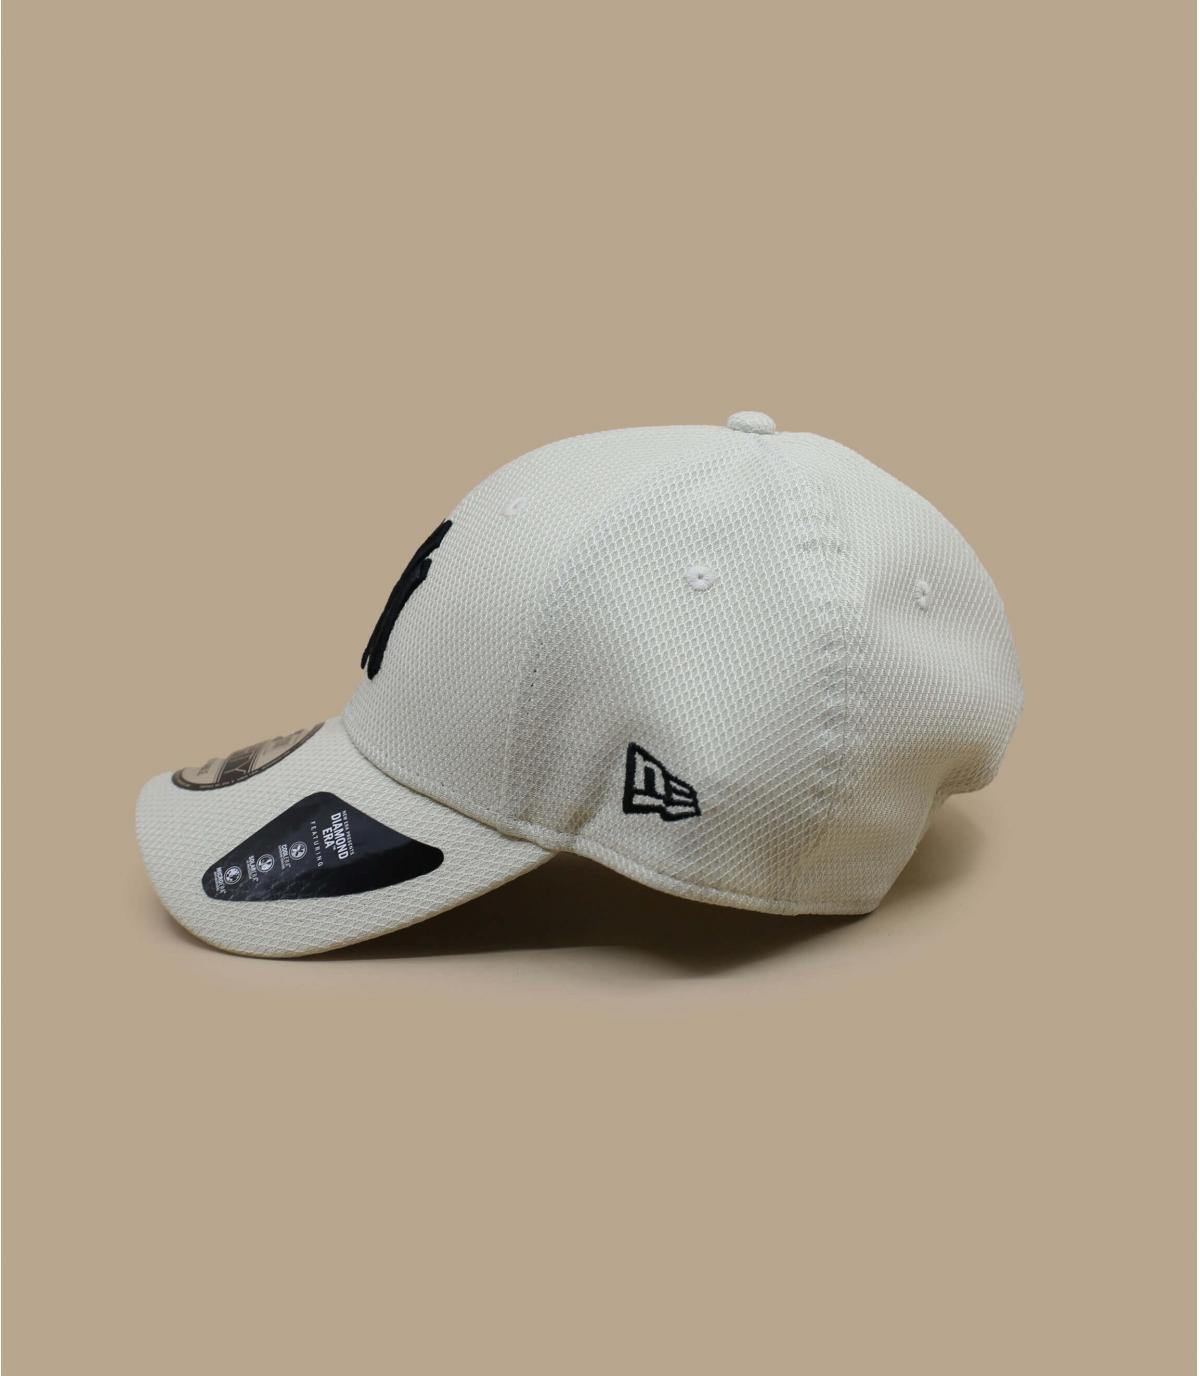 Détails Casquette Diamond 940 NY beige black - image 3